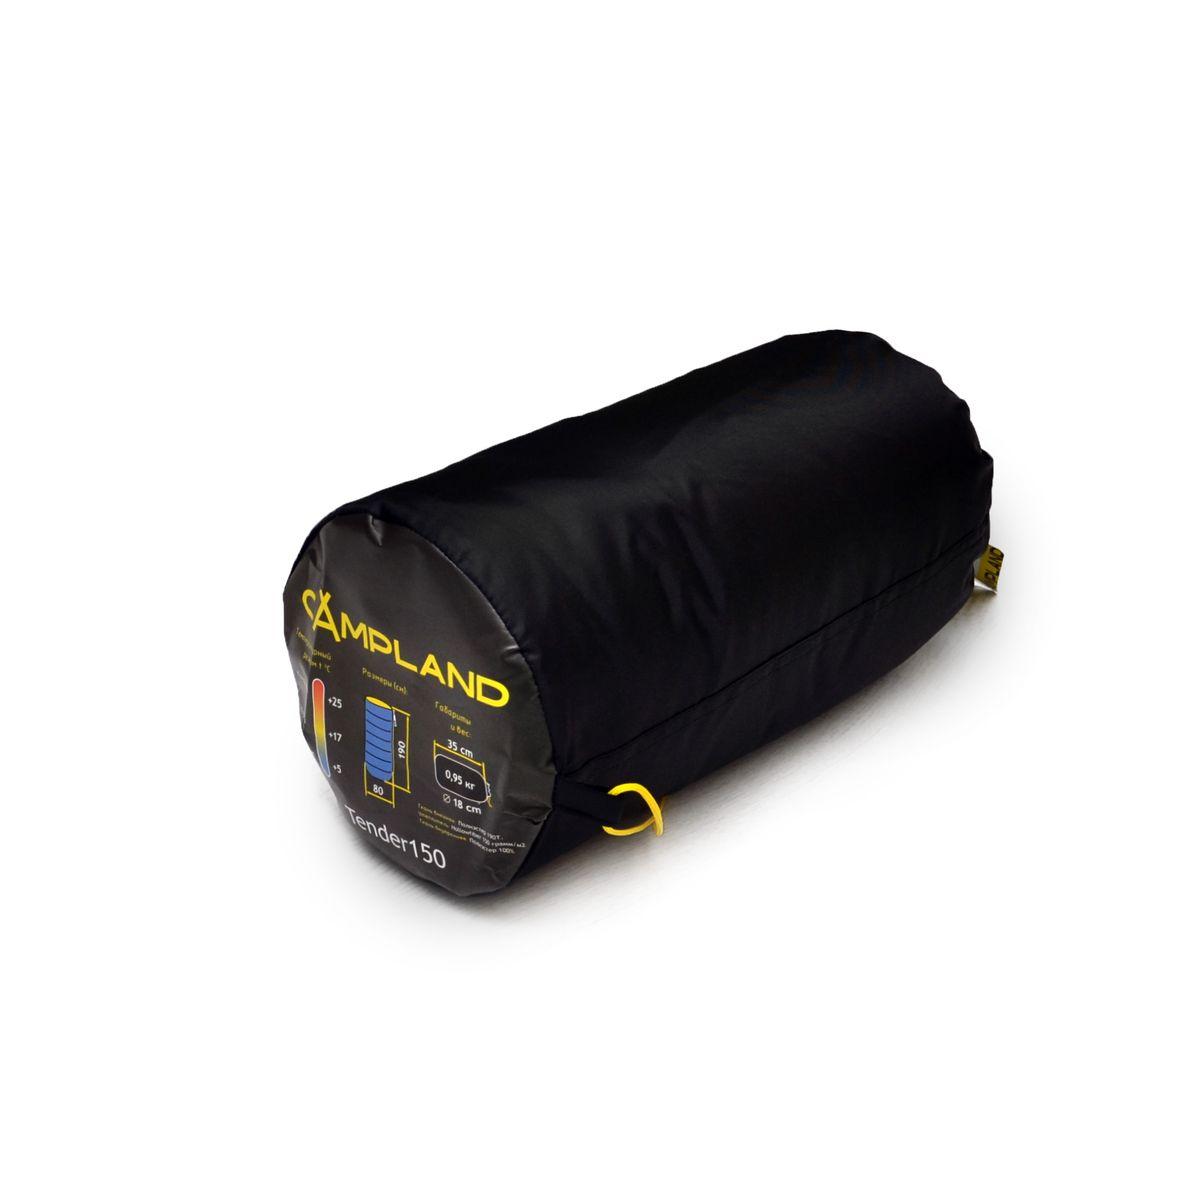 Спальный мешок Campland Tender 150, левостороняя молния, 190 см х 80 см спальник campland tender 250